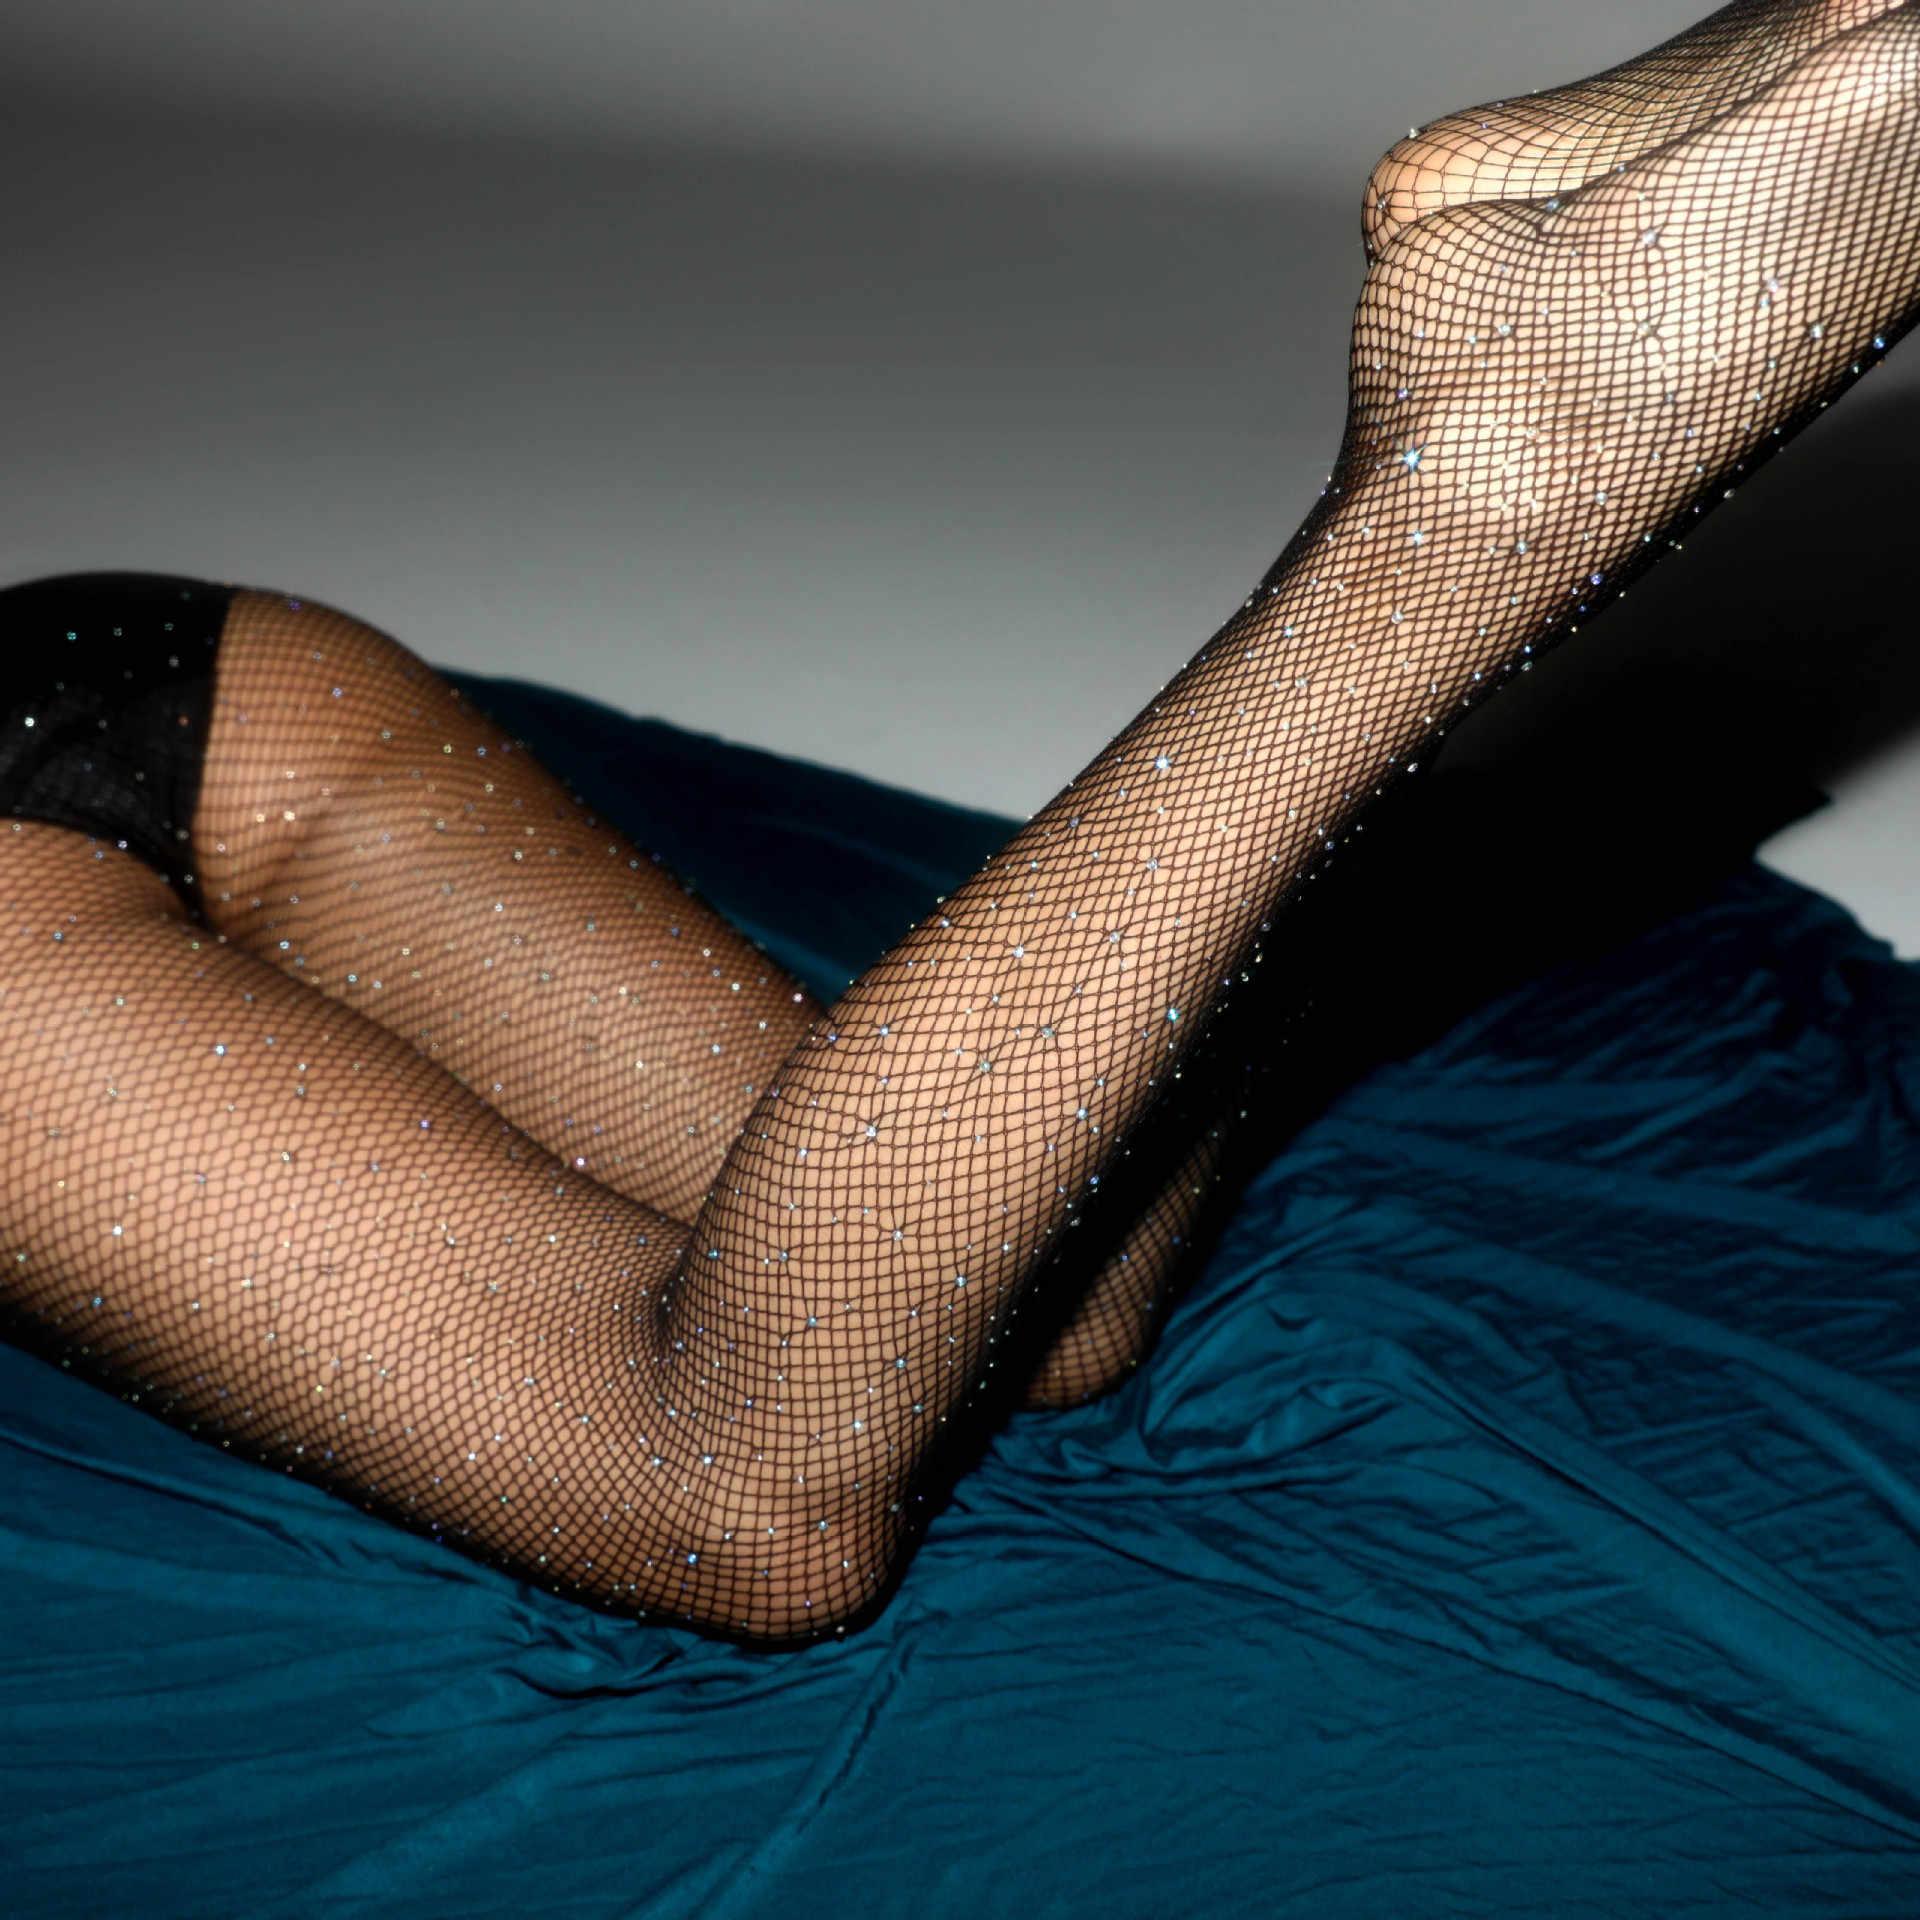 ใหม่ผู้หญิงเซ็กซี่ Fishnet ถุงน่องเปิด Crotch ตาข่าย Pantyhose เงา Rhinestone Nylons ถุงน่องเร้าอารมณ์ชุดชั้นใน Collant